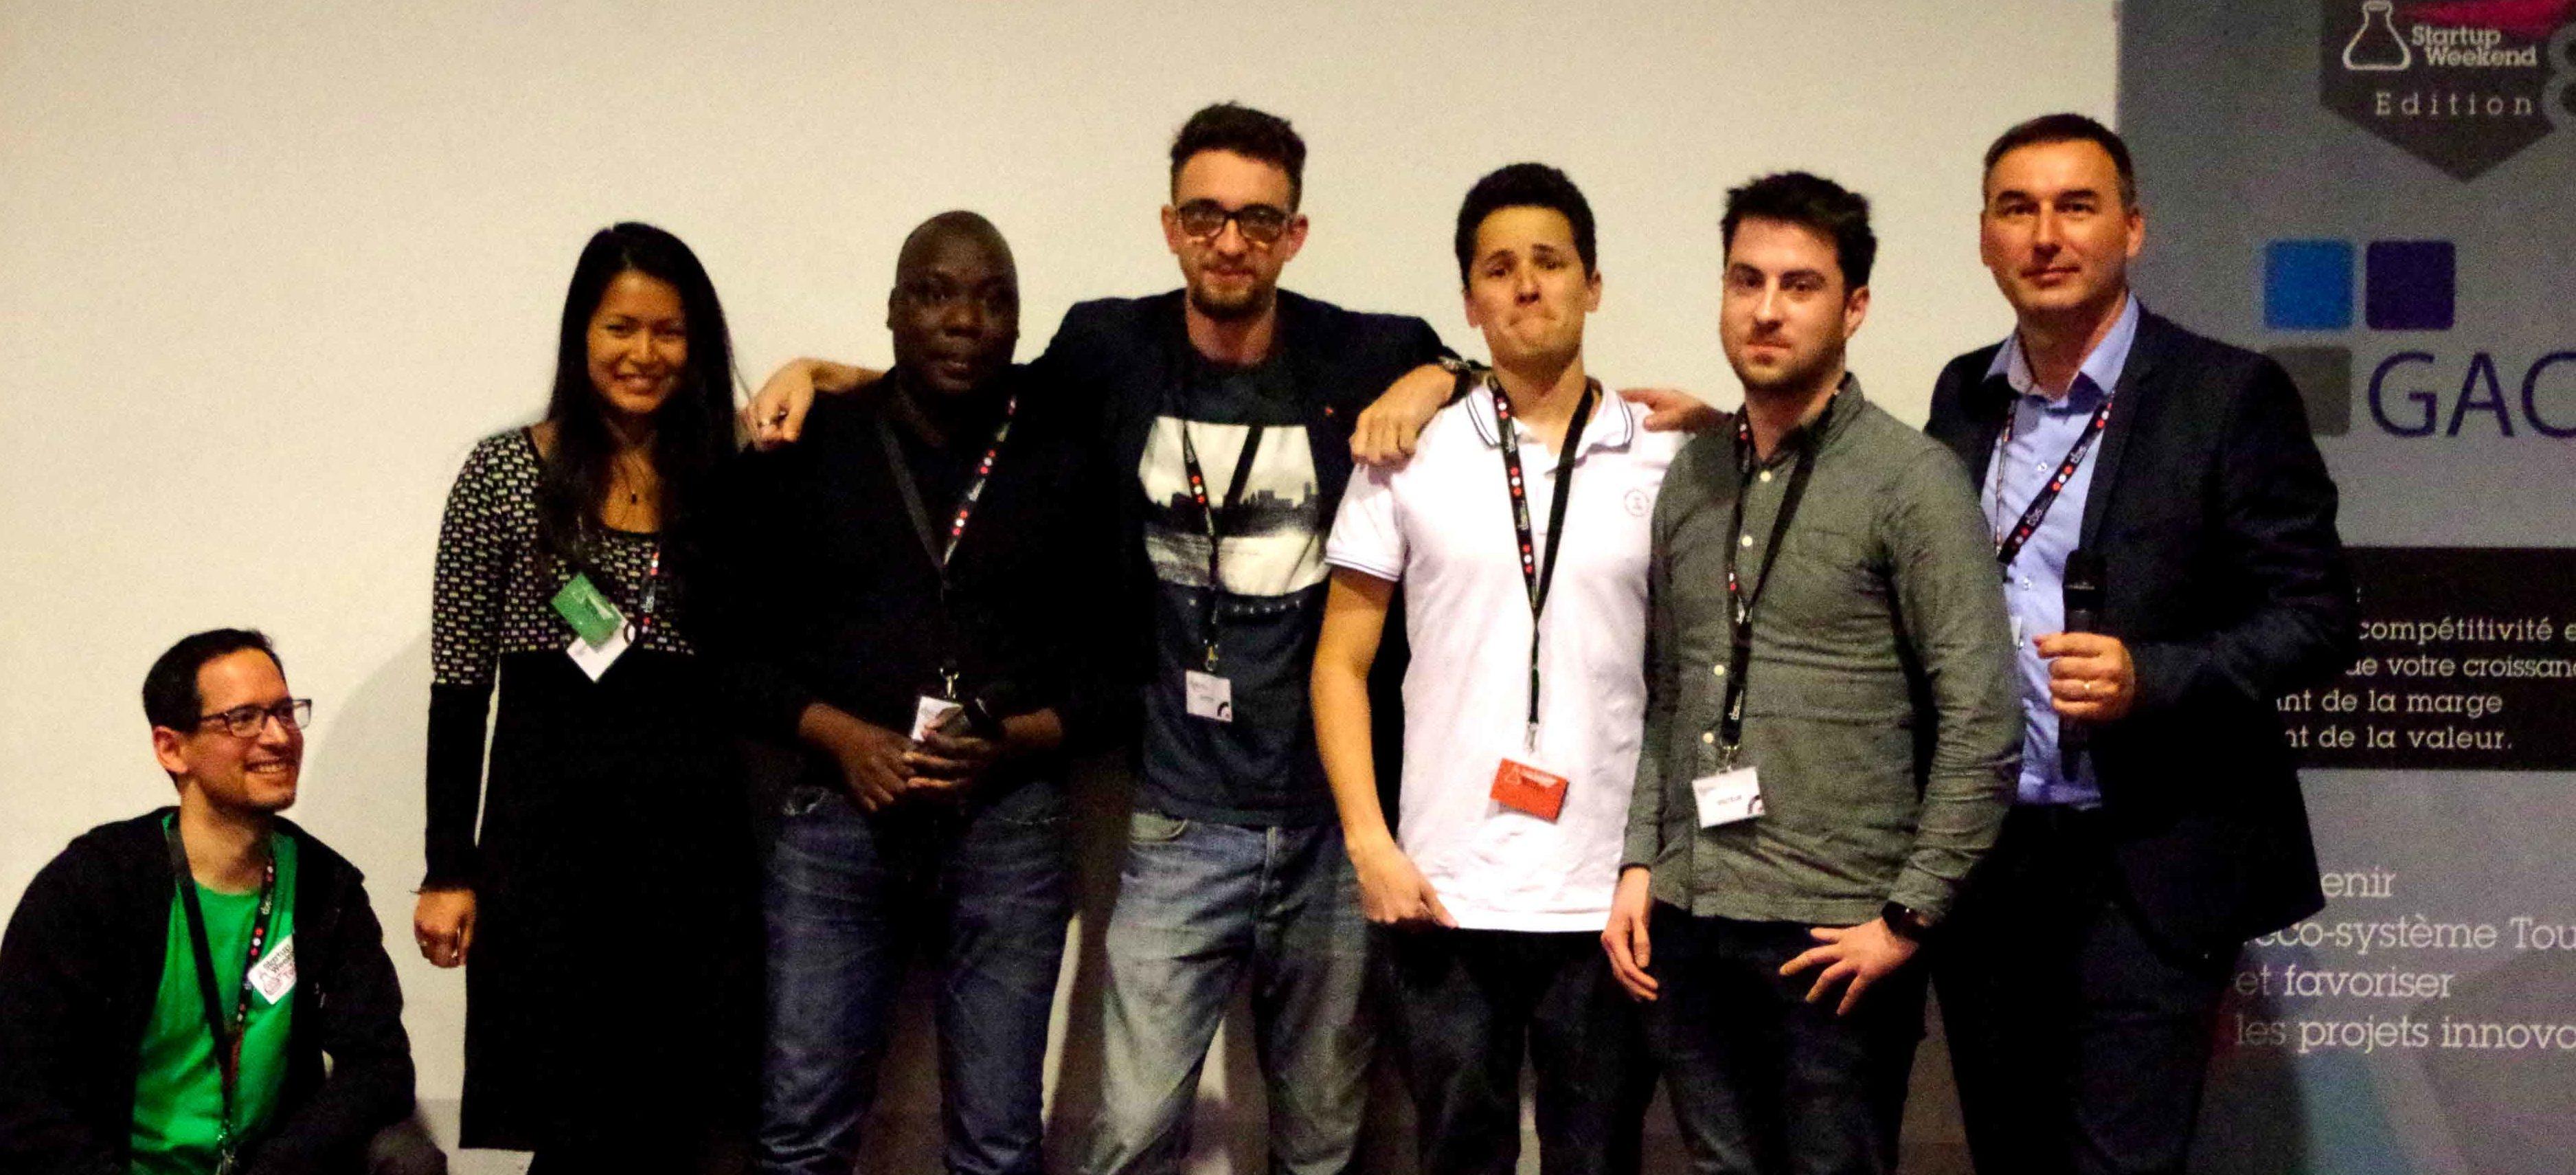 GAC Group partenaire du Start-Up week-end de Toulouse - GAC Group